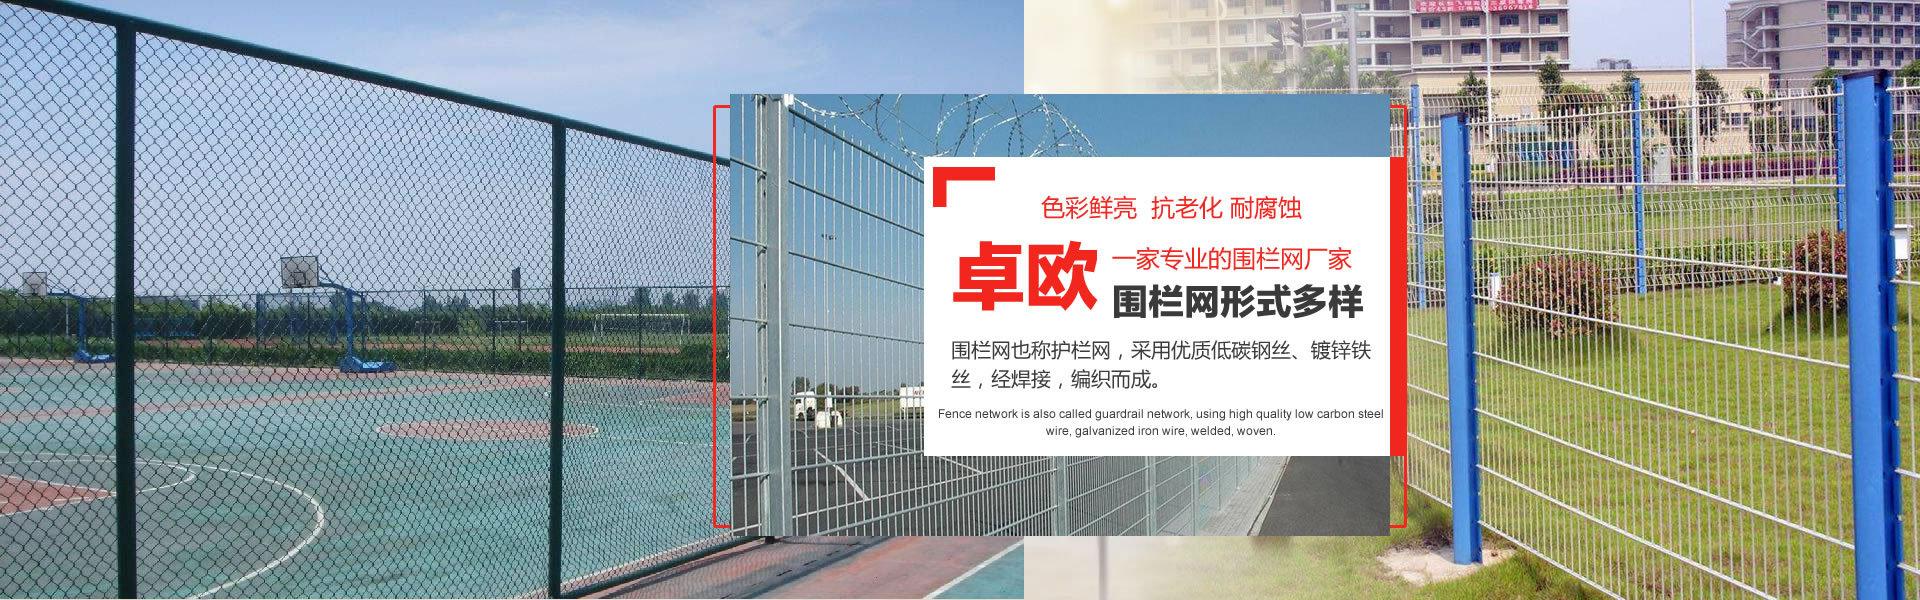 南宁ManBetX安卓官网网